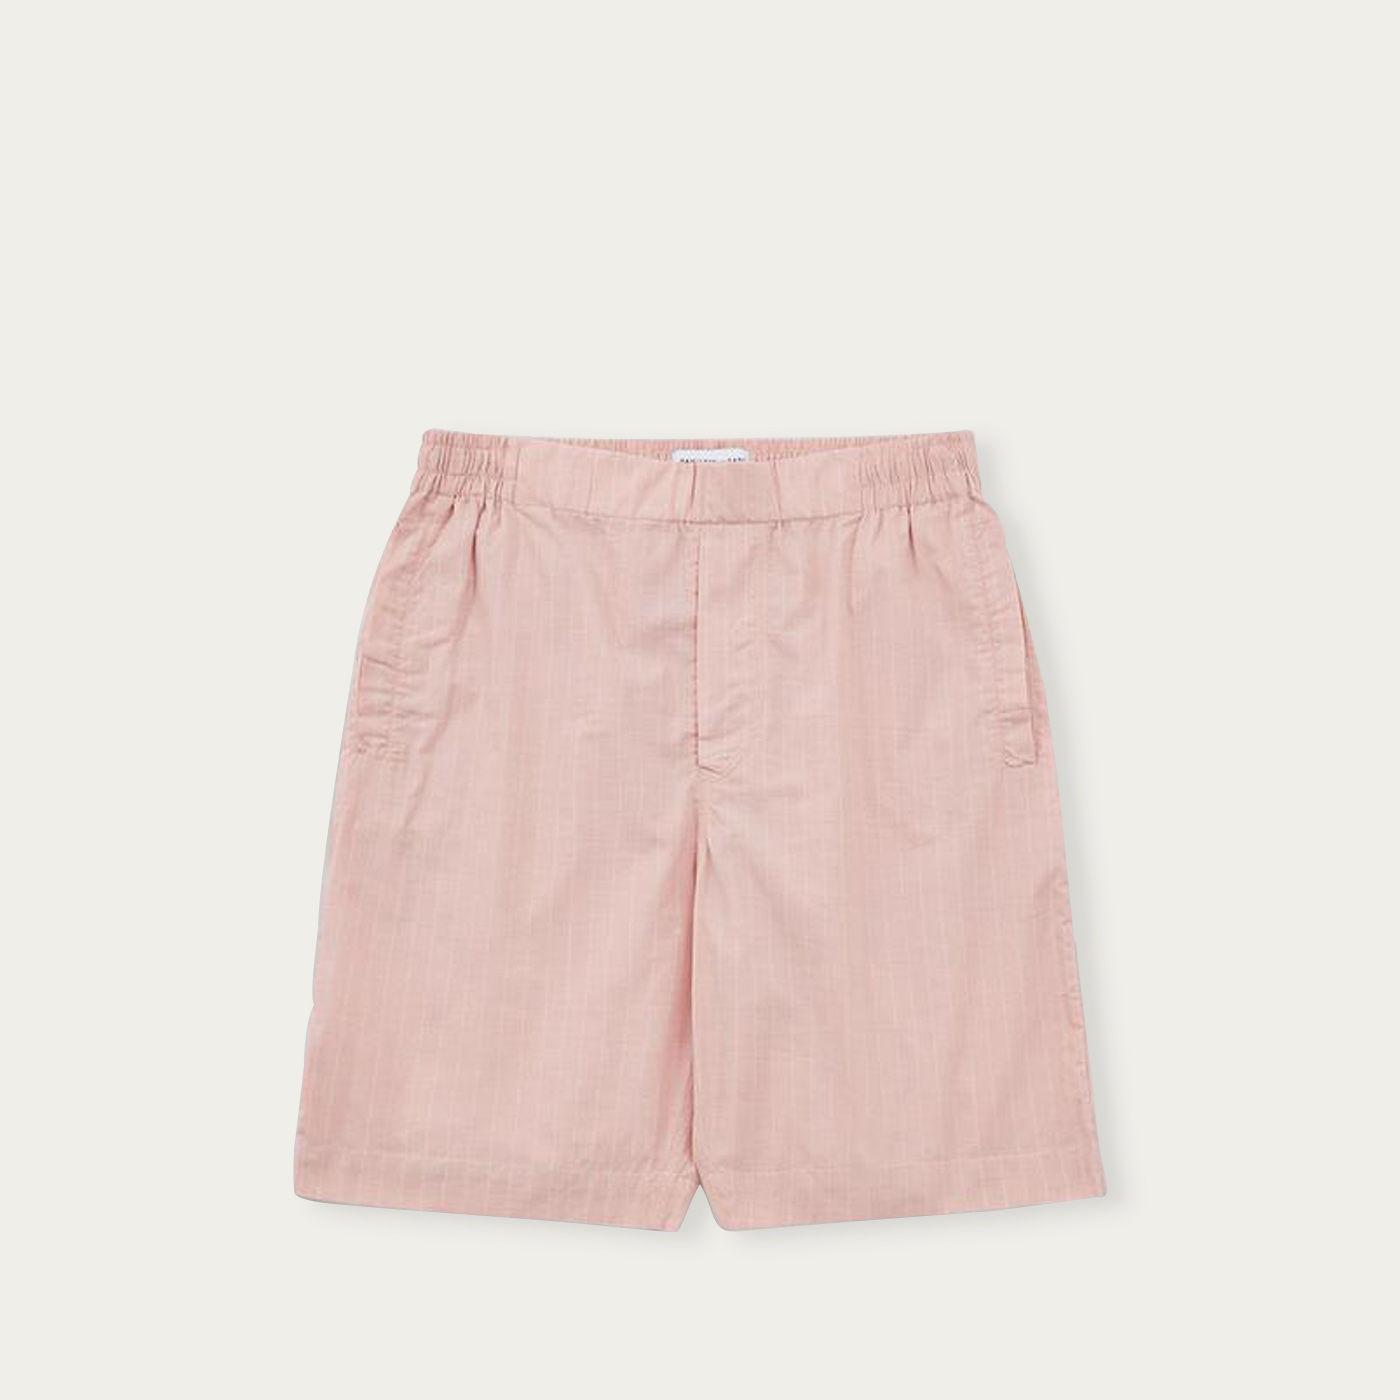 Pink White Pinstripe Drawstring Shorts | Bombinate